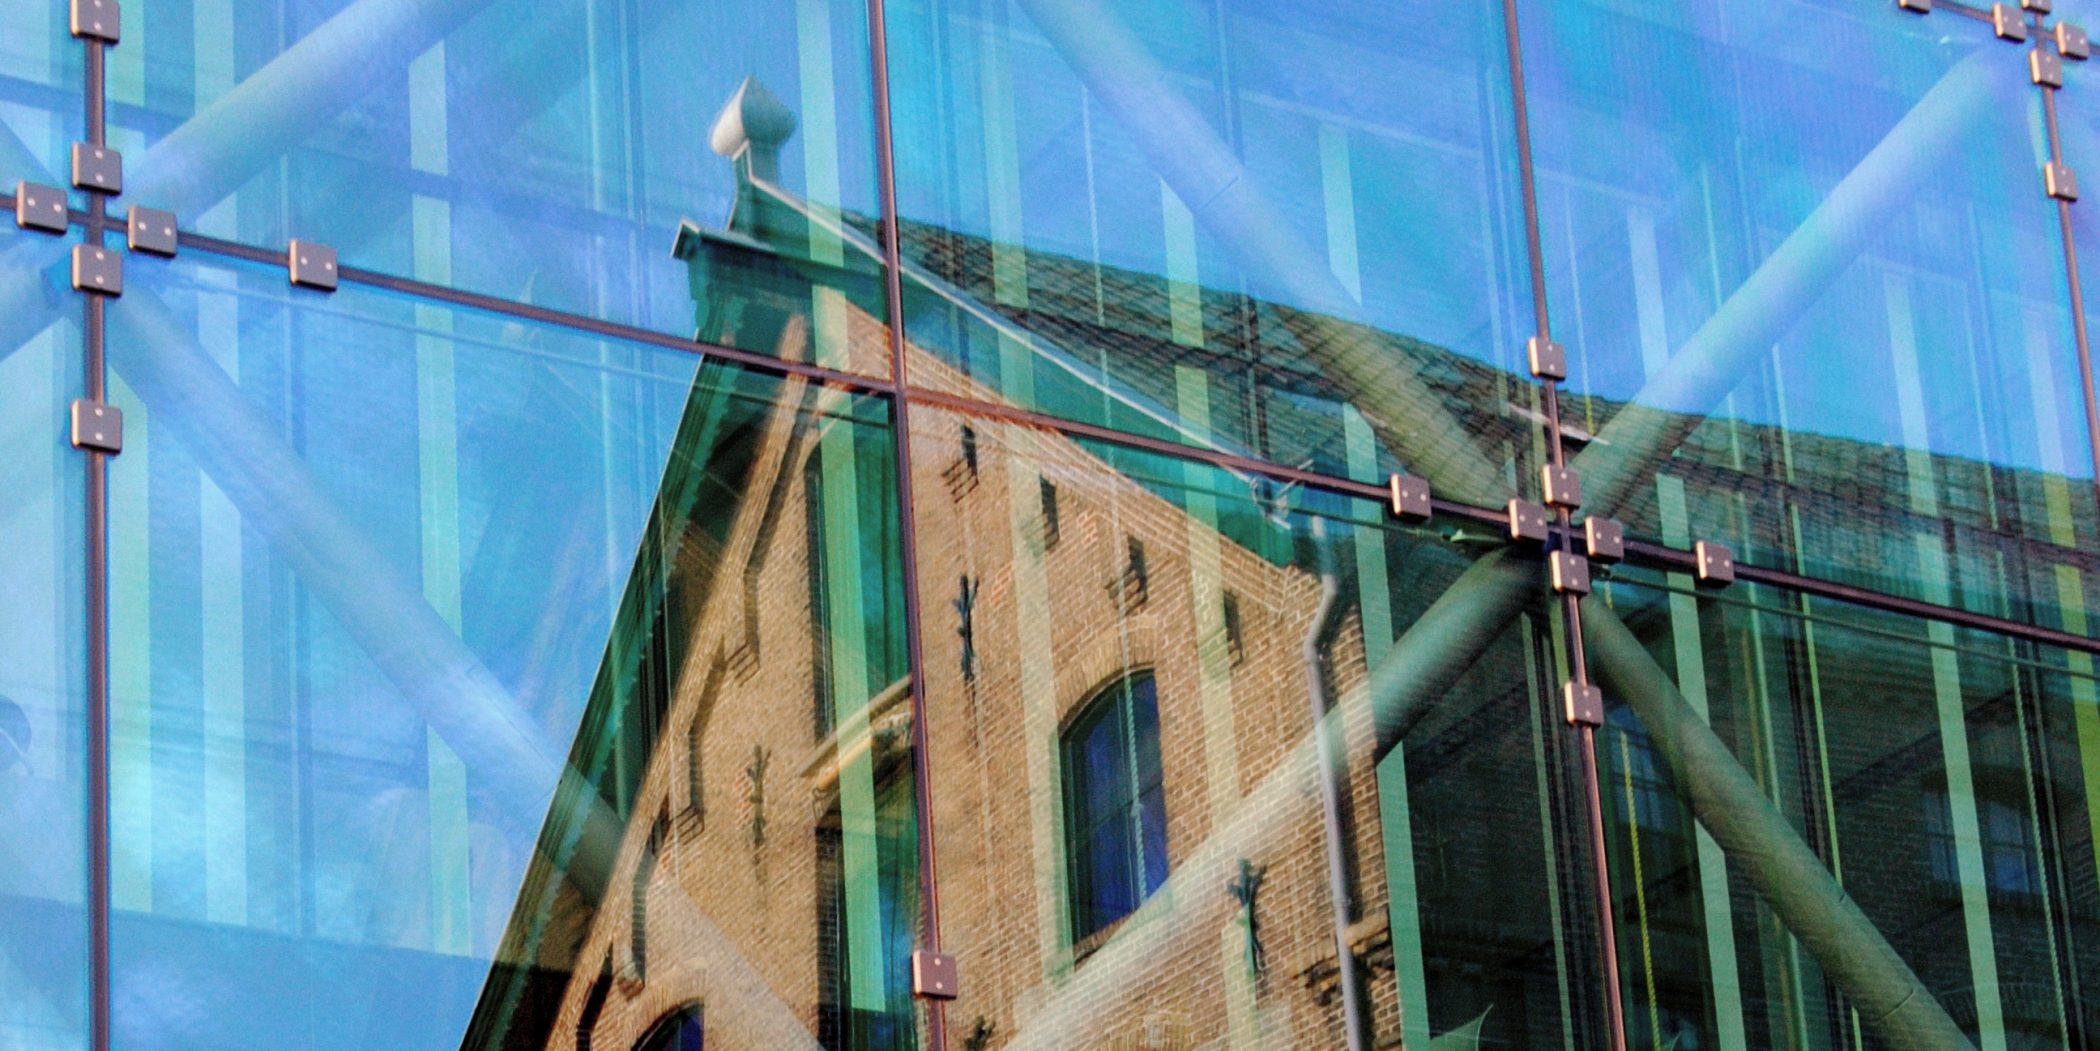 weerspiegeling van de villa in het glazenentree gebouw